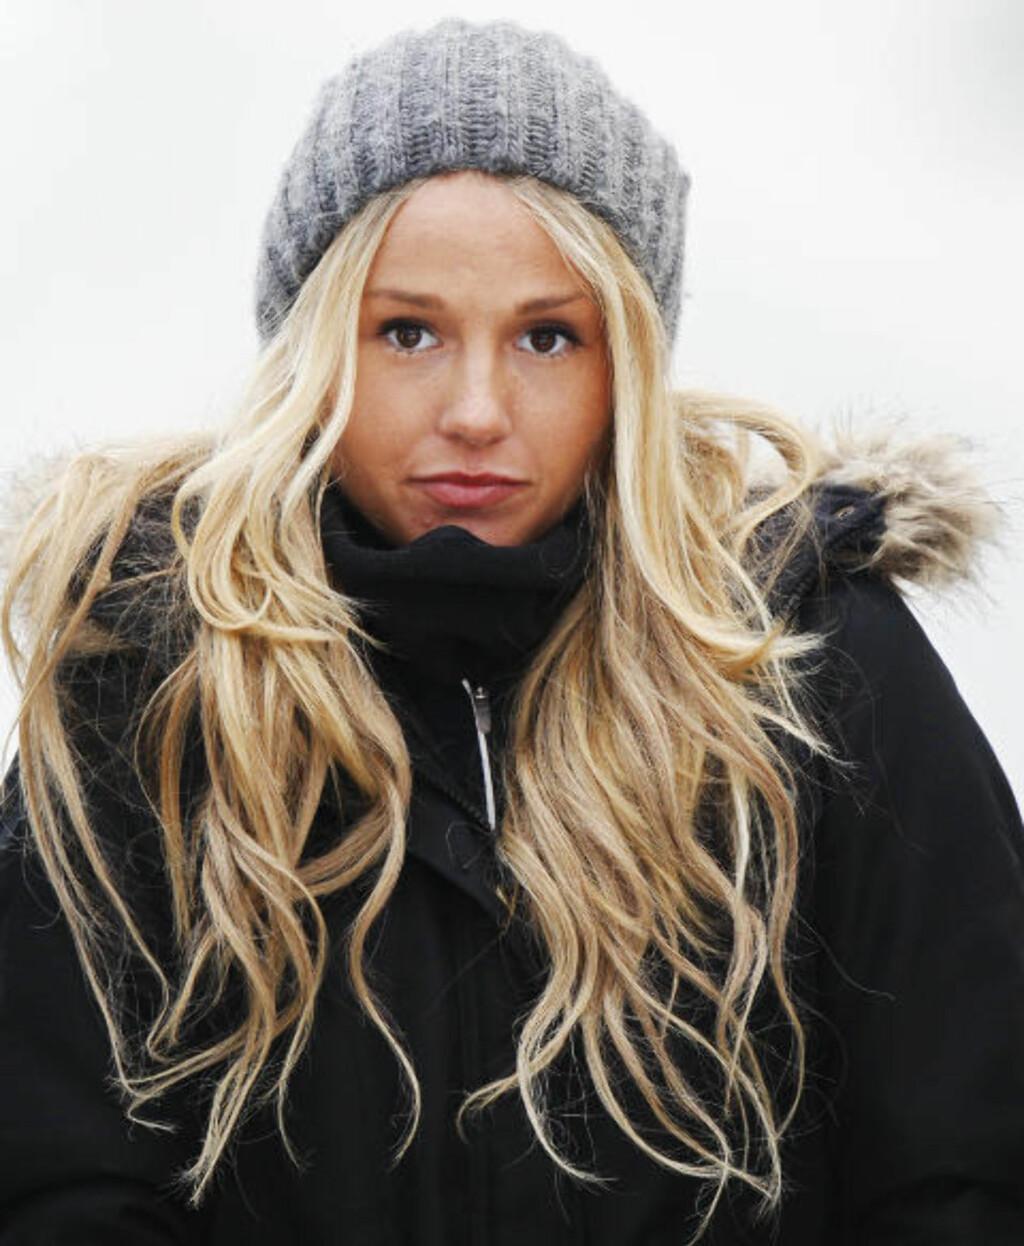 TRAKK SEG: Rachel Nordtømme trakk seg fra TV2-jobben etter sterke reaksjoner. Foto: Erlend Aas / Scanpix